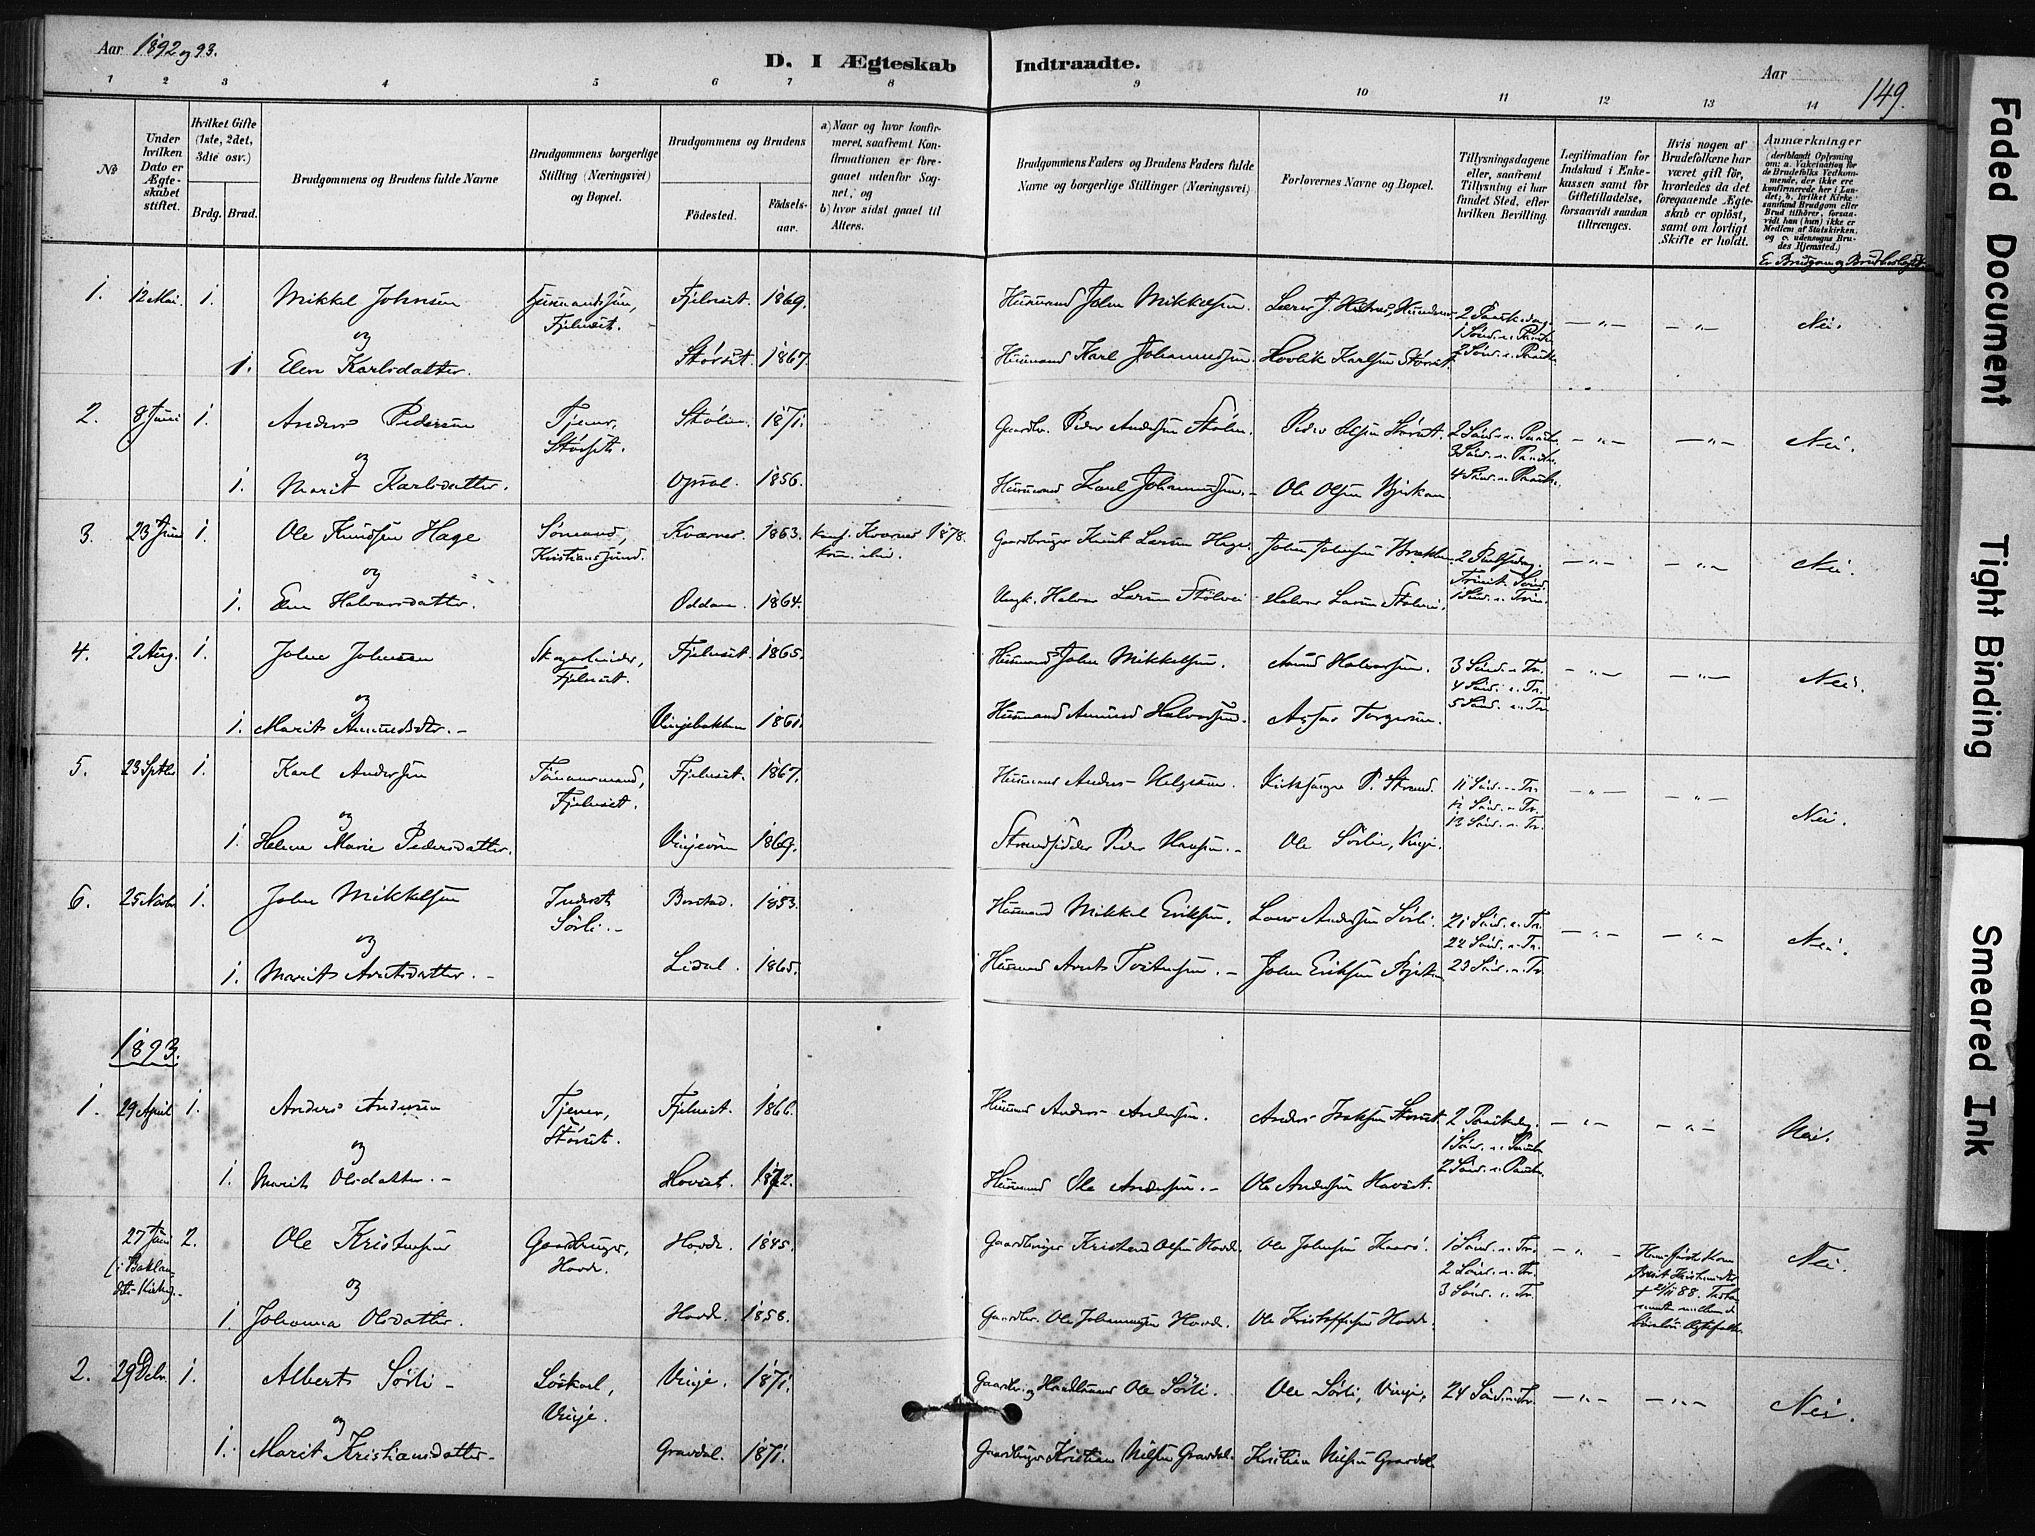 SAT, Ministerialprotokoller, klokkerbøker og fødselsregistre - Sør-Trøndelag, 631/L0512: Ministerialbok nr. 631A01, 1879-1912, s. 149